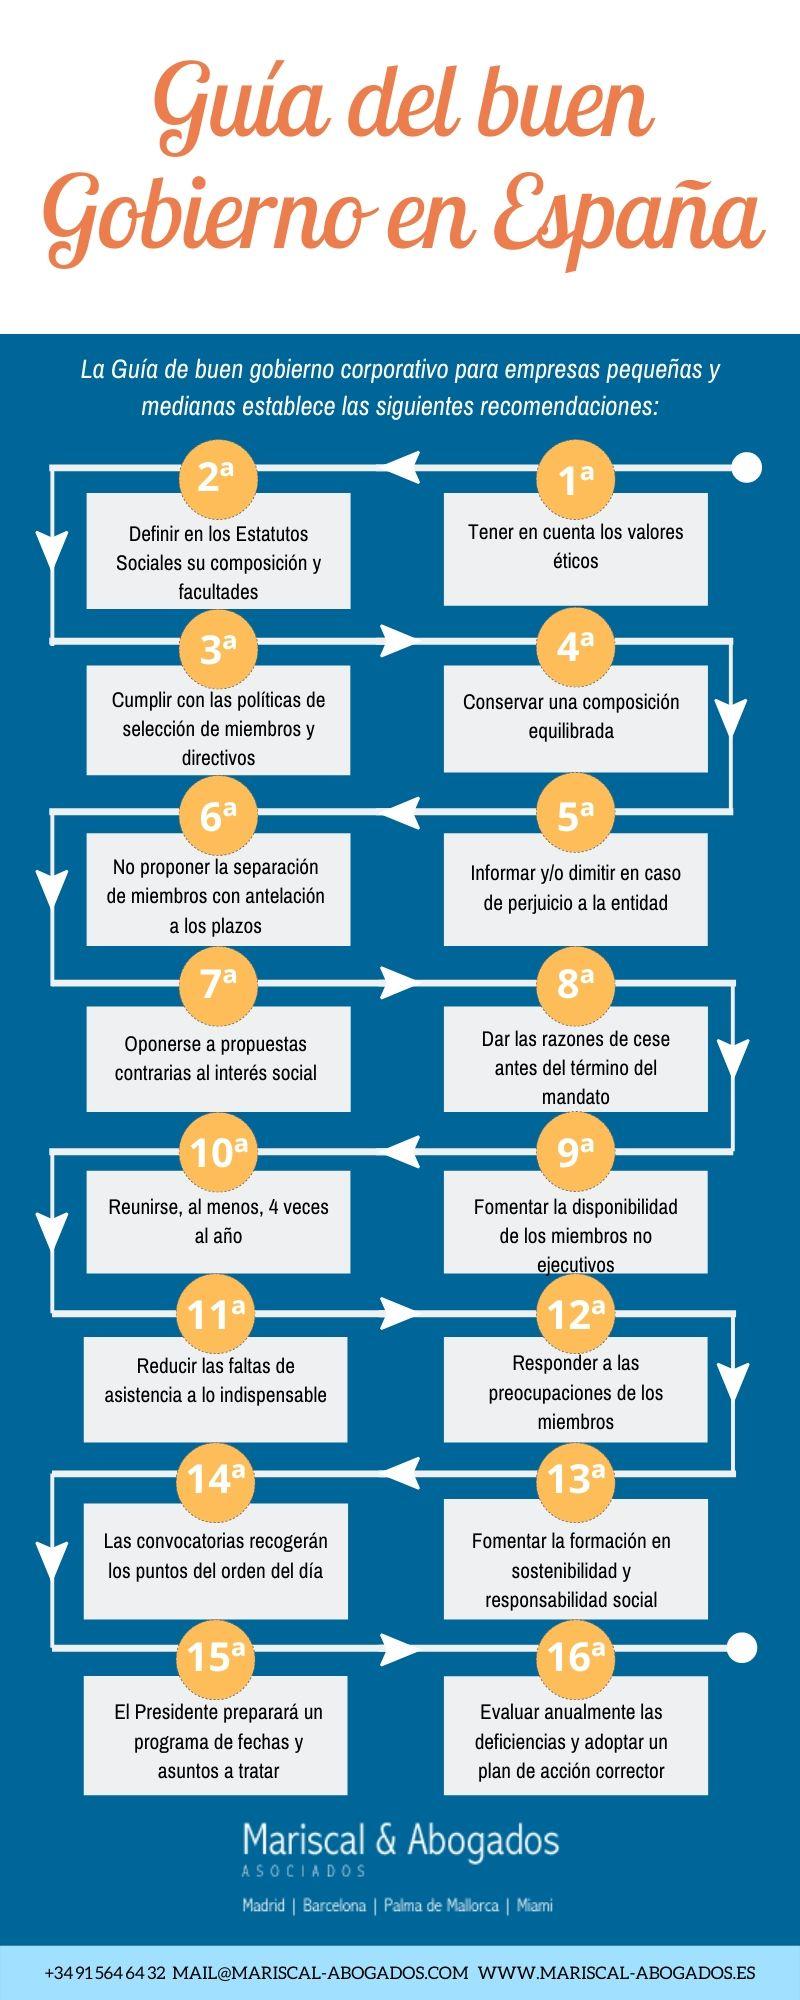 60 2019 Guía del buen gobierno en España